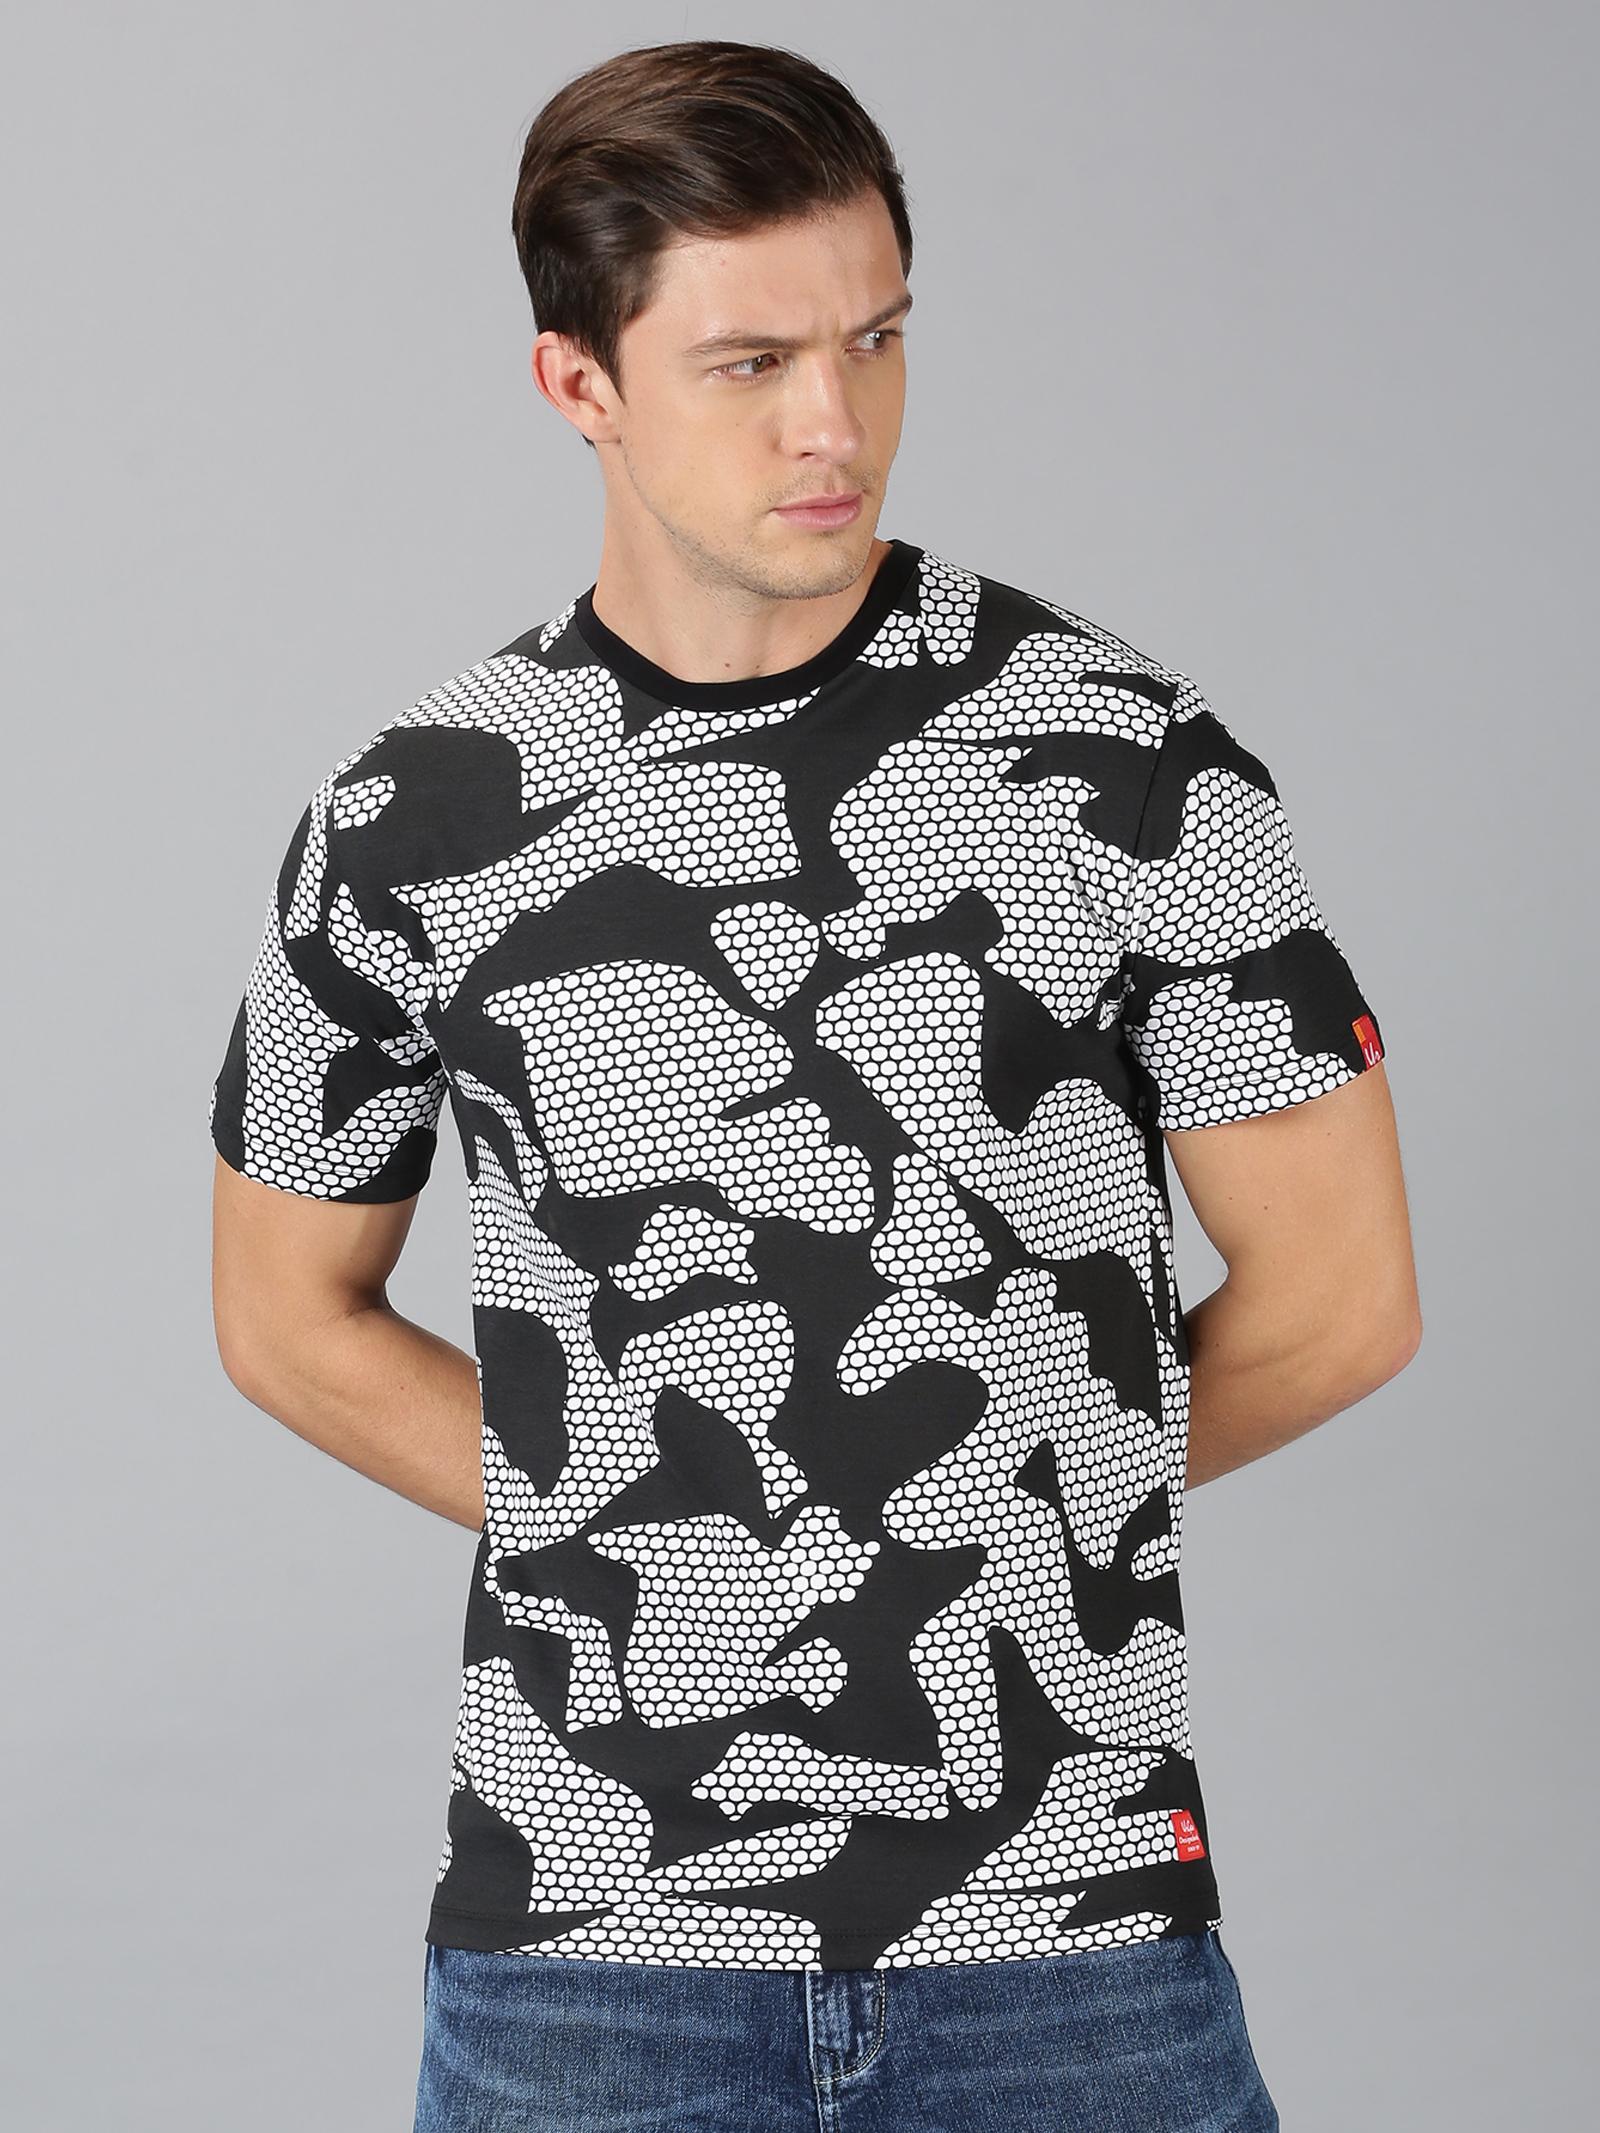 UrGear | UrGear Printed Round Neck White T-Shirt